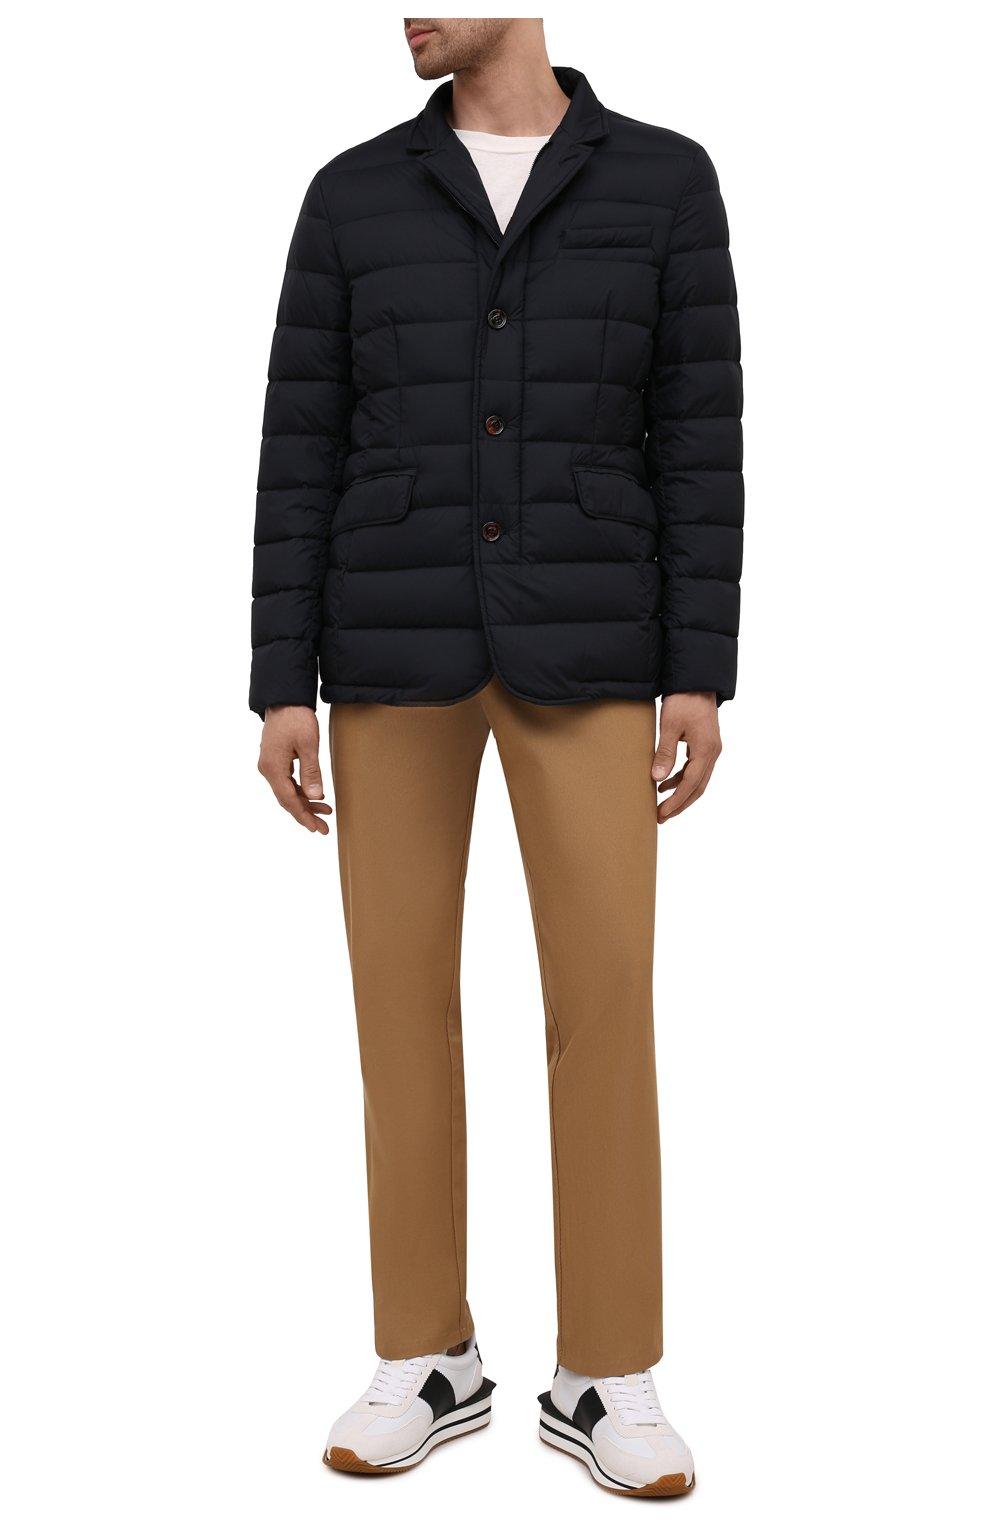 Мужская пуховая куртка zayn-op MOORER темно-синего цвета, арт. ZAYN-0P/M0UGI100307-TEPA017 | Фото 2 (Кросс-КТ: Куртка; Мужское Кросс-КТ: пуховик-короткий; Рукава: Длинные; Материал внешний: Синтетический материал; Материал подклада: Синтетический материал; Длина (верхняя одежда): Короткие; Материал утеплителя: Пух и перо; Стили: Кэжуэл)